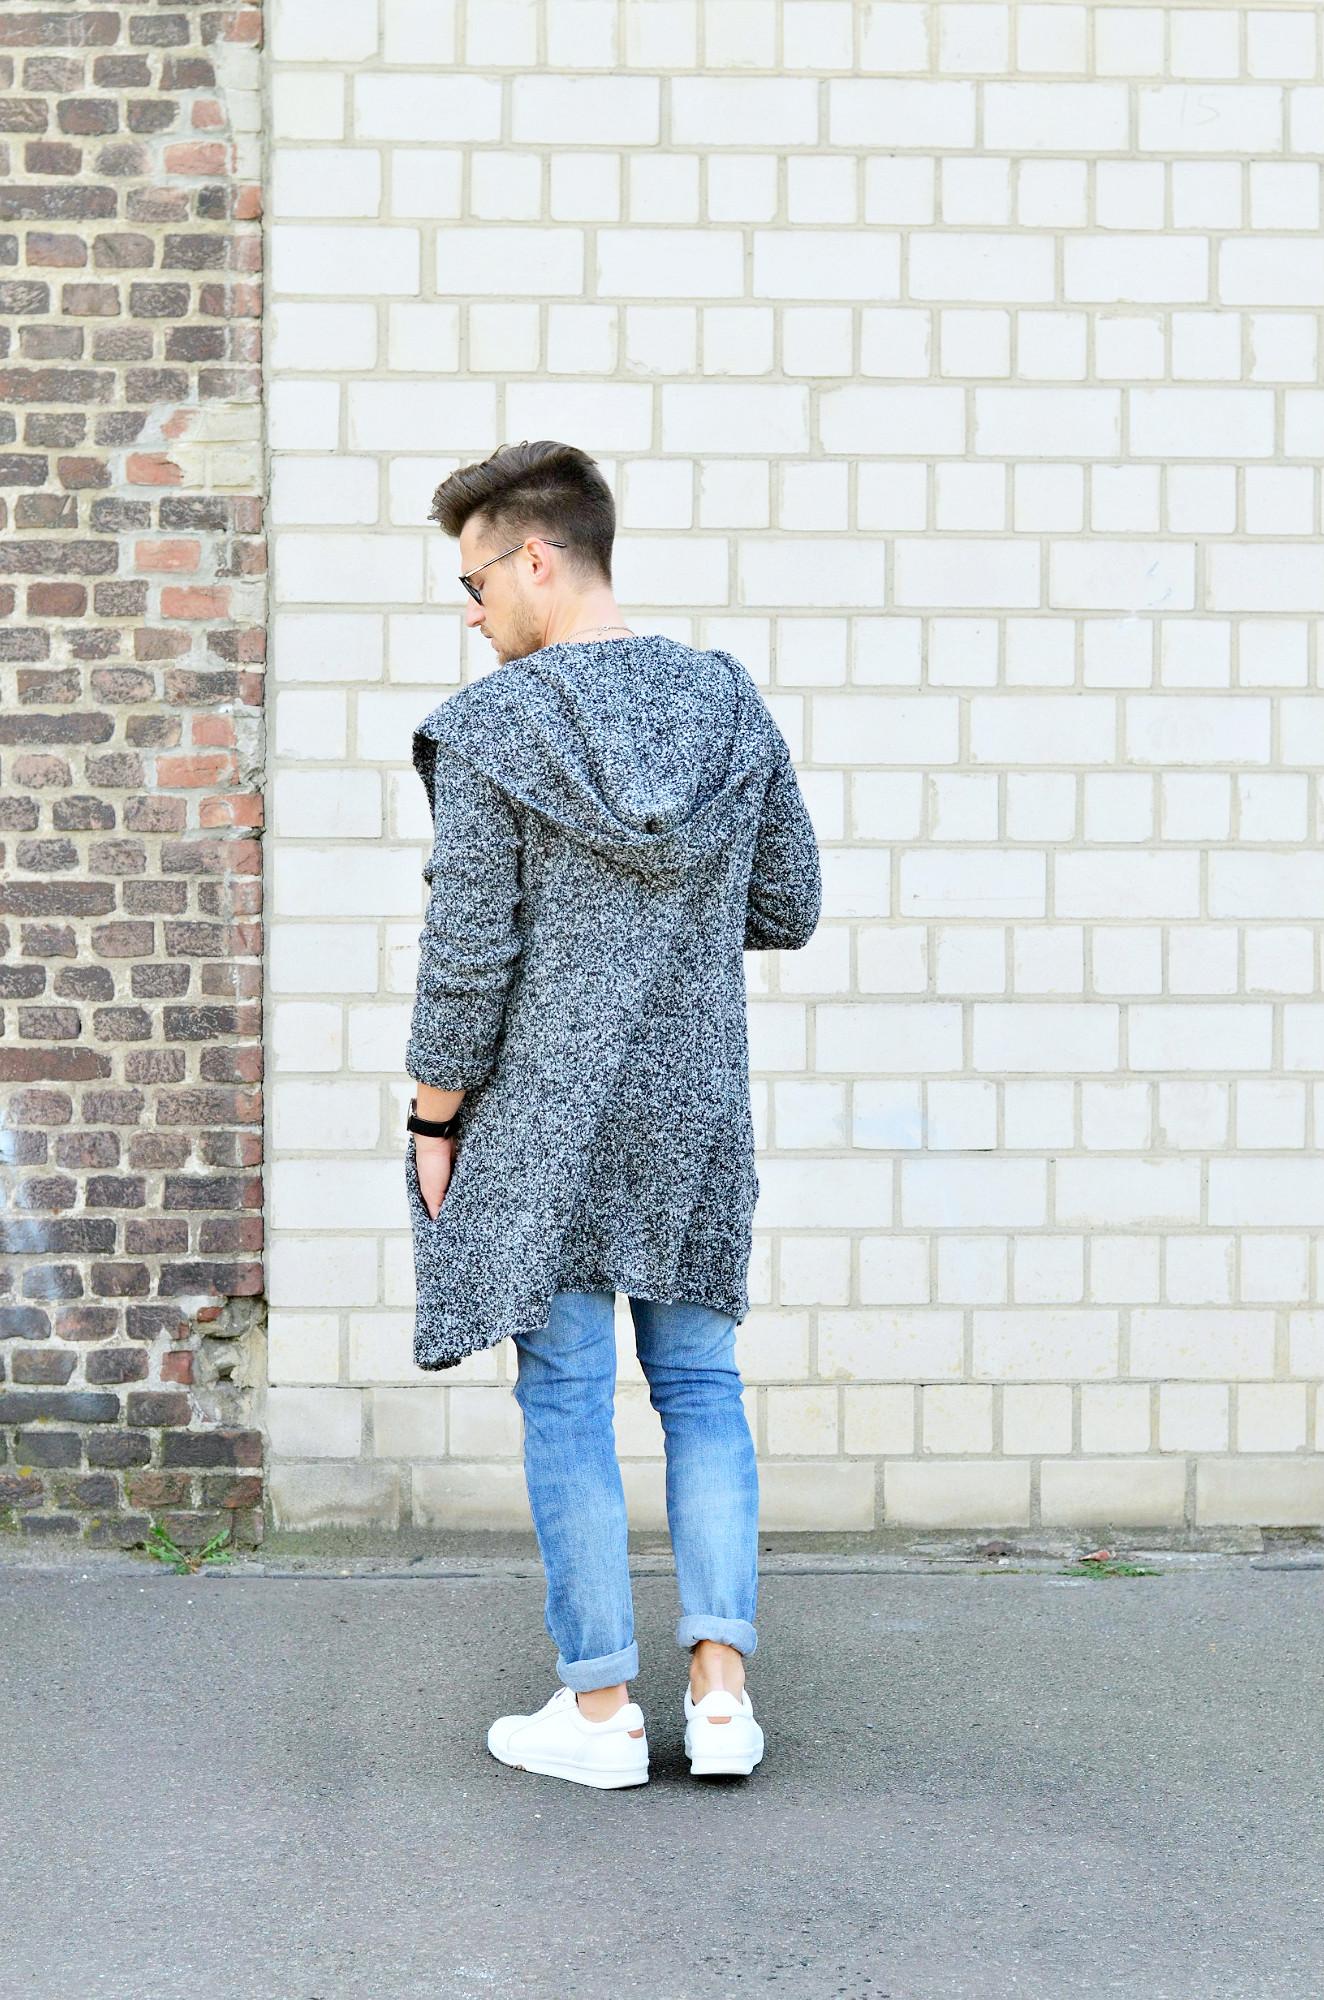 Männer-Blog-Berlin-Outfit-Longcardigan-Jeans-Streifenshirt-Sneaker